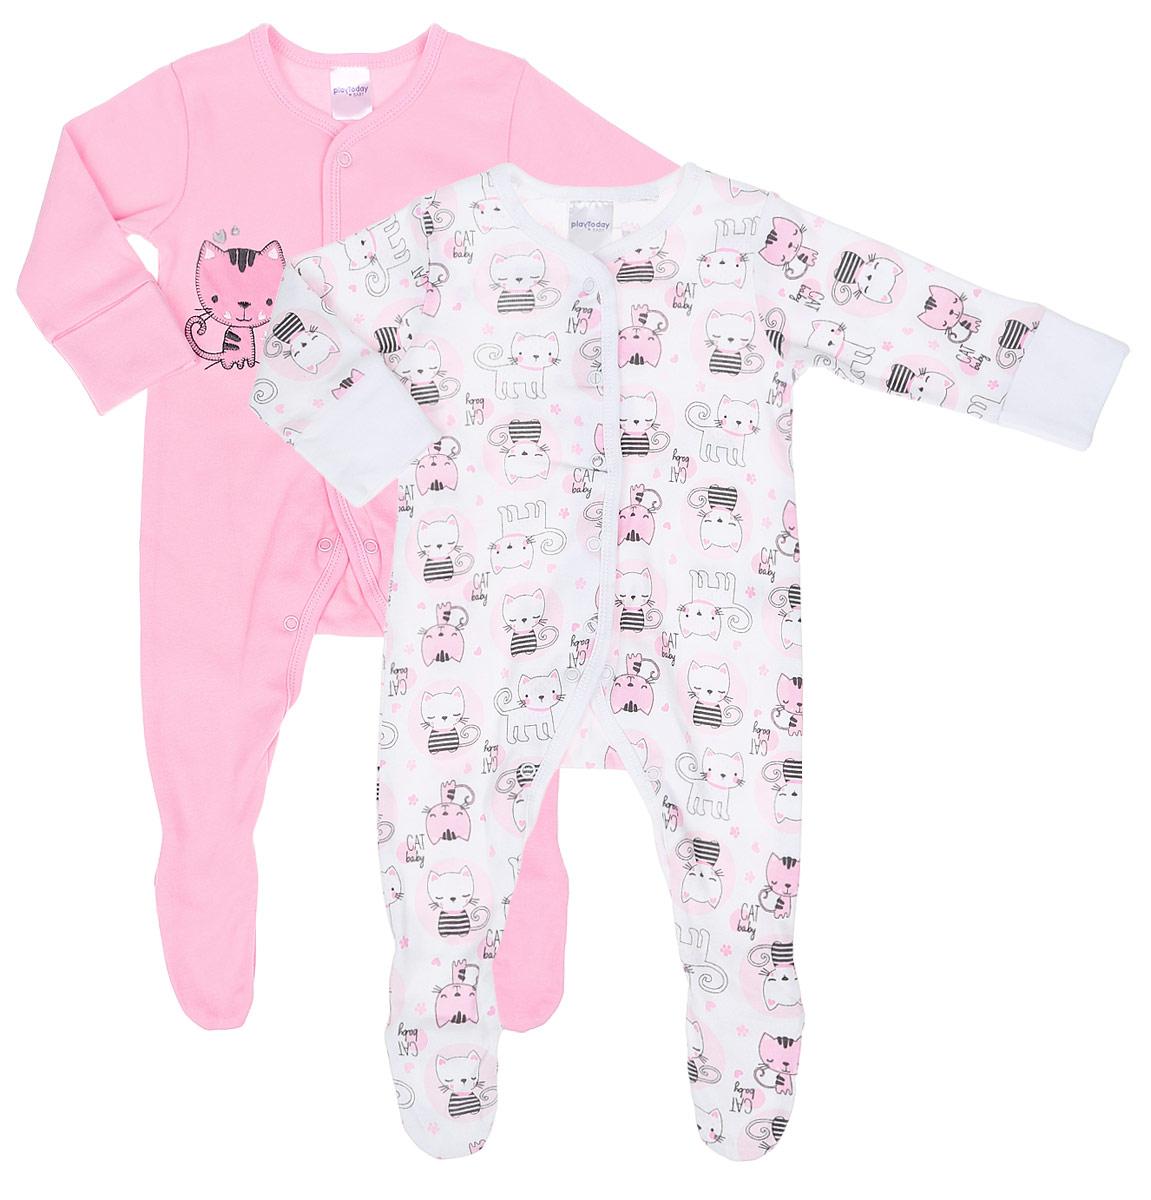 Комбинезон домашний для девочки PlayToday Baby, цвет: белый, розовый, 2 шт. 178806. Размер 74178806Комплект комбинезонов PlayToday Baby разнообразит гардероб вашей малышки. Комбинезоны с закрытыми ножками изготовлены из натурального хлопка и оформлены милым принтом. Материал изделия мягкий и тактильно приятный, не раздражает нежную кожу ребенка и хорошо пропускает воздух. Модели имеют удобные застежки-кнопки спереди и между ножек, что позволит легко переодеть ребенка или сменить подгузник, а также удобные манжеты на рукавах, которые можно превратить в рукавички - ребенок не сможет себя поранить и оцарапать. Круглый вырез горловины дополнен мягкой эластичной бейкой. Комбинезоны полностью соответствуют особенностям жизни ребенка в ранний период, не стесняя и не ограничивая его в движениях.